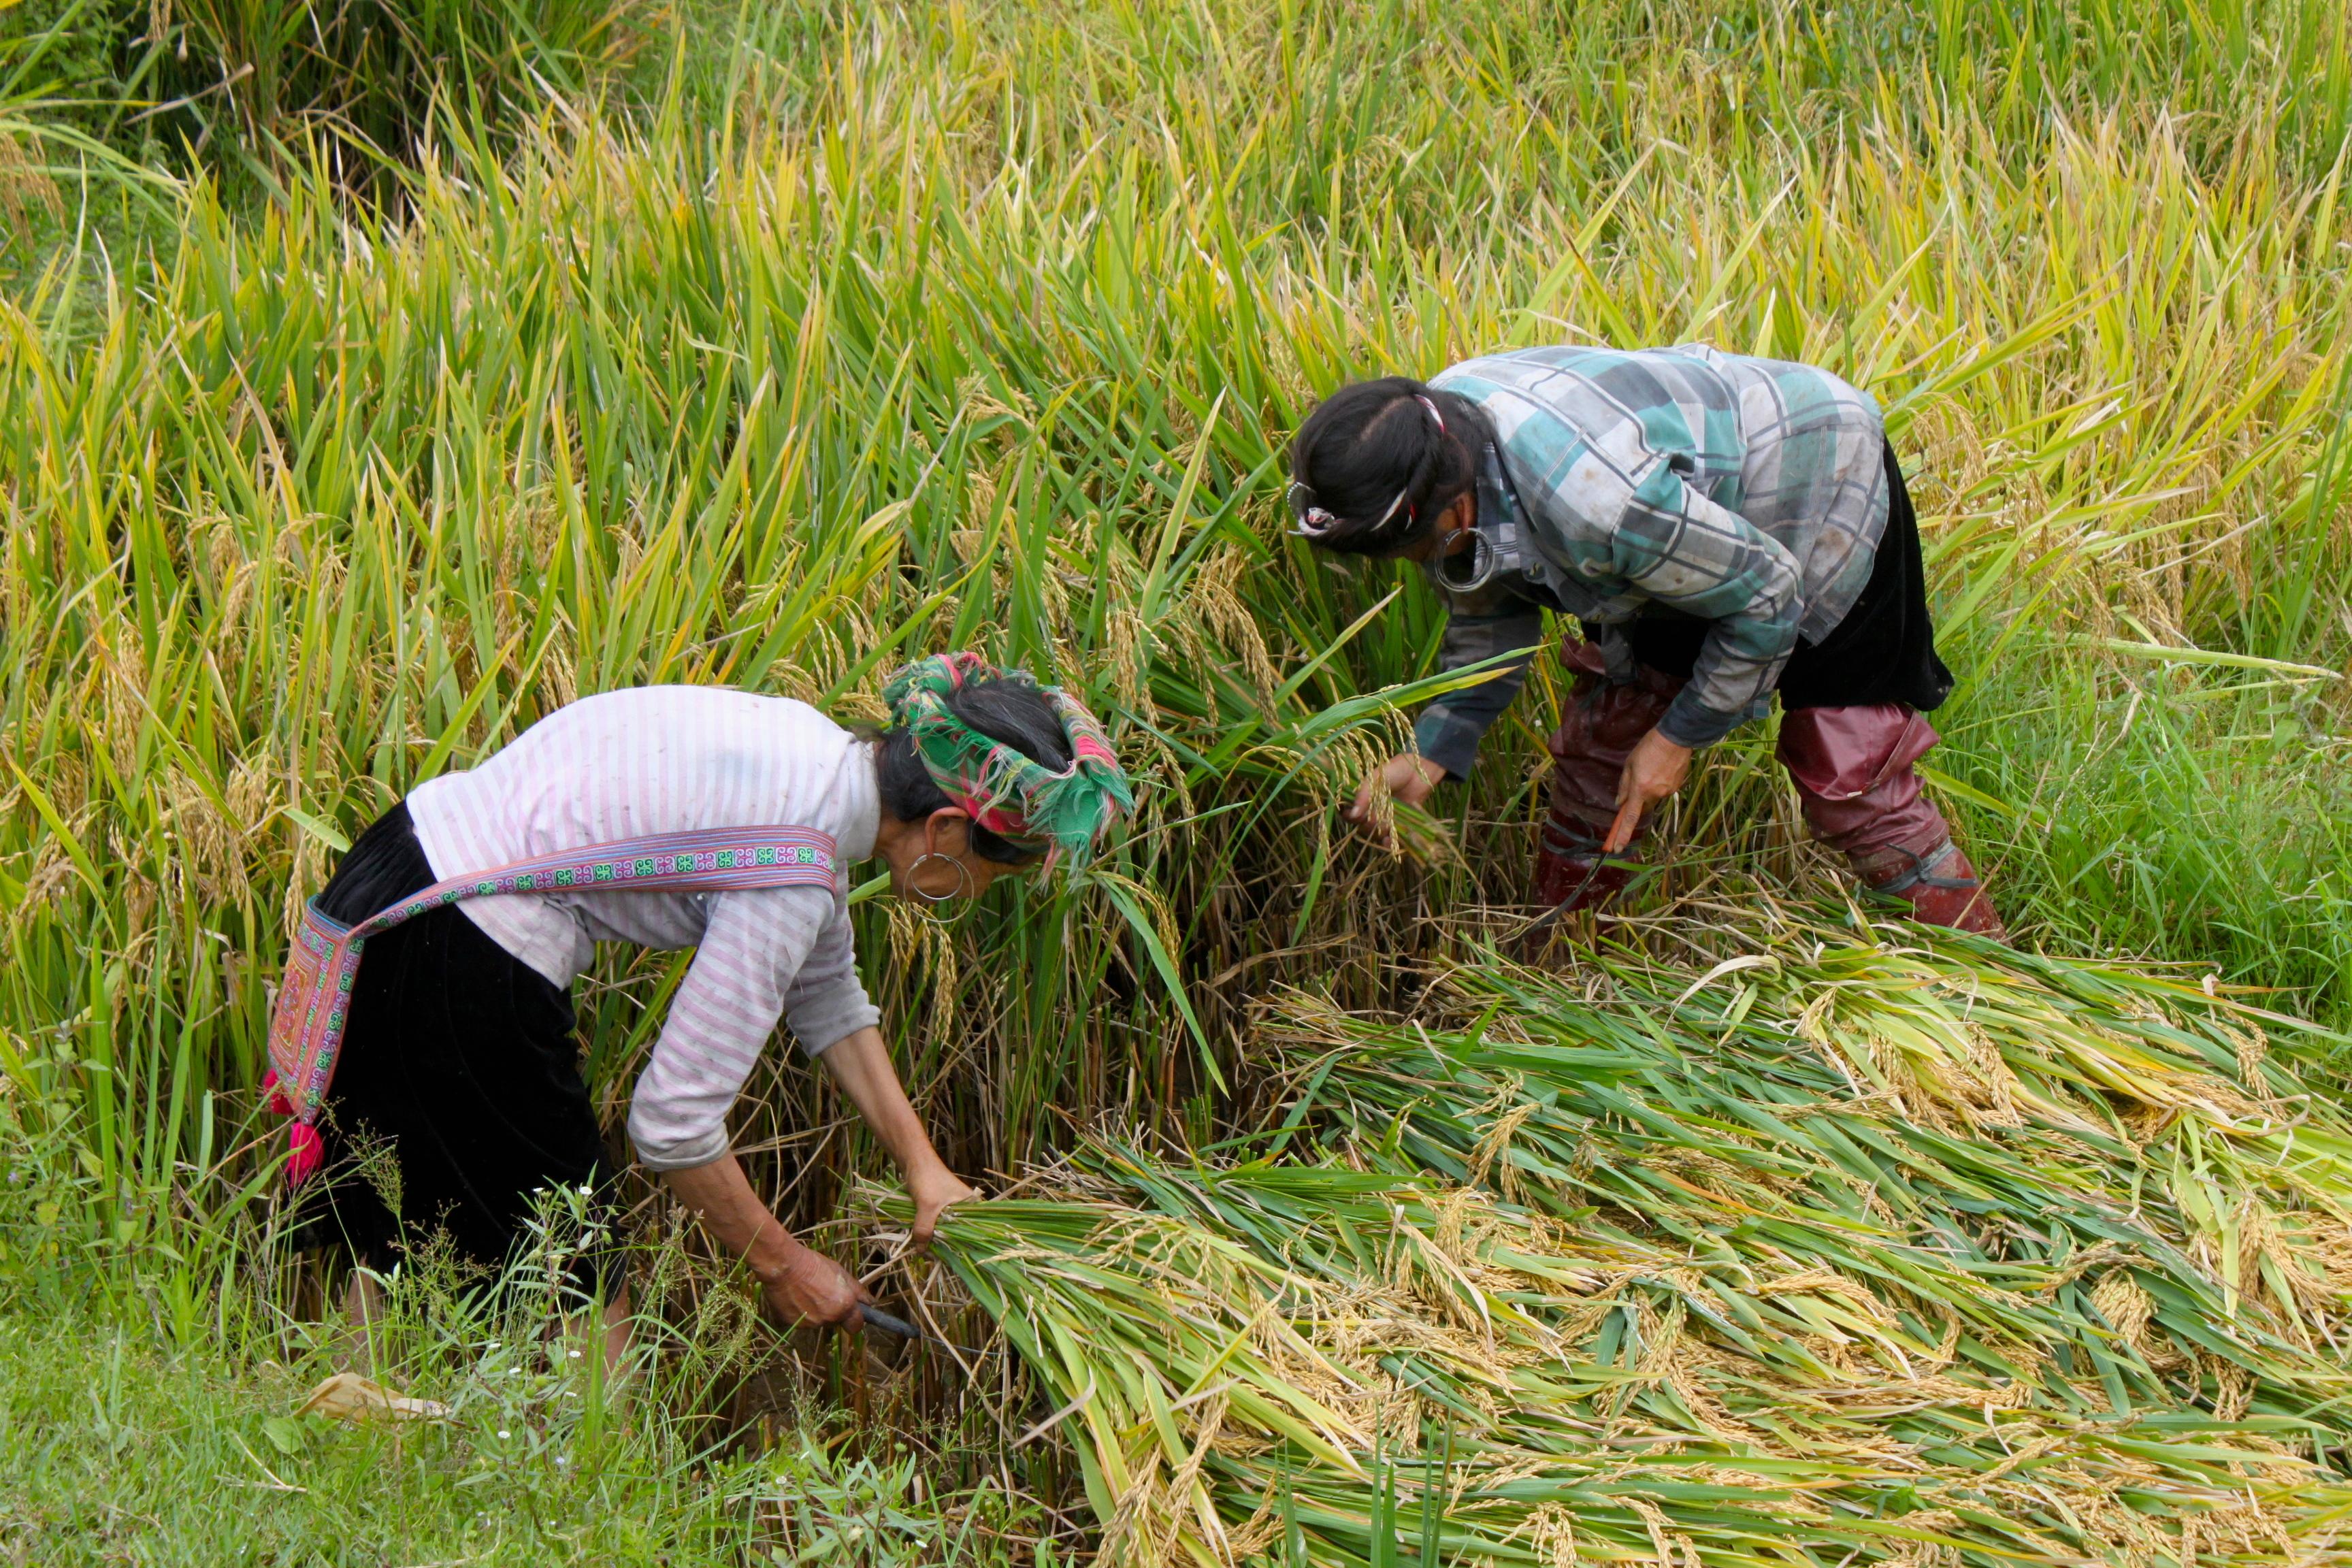 Le donne di Sapa iniziano a lavorare nelle risaie a 12 anni. Sono lunghi i giorni